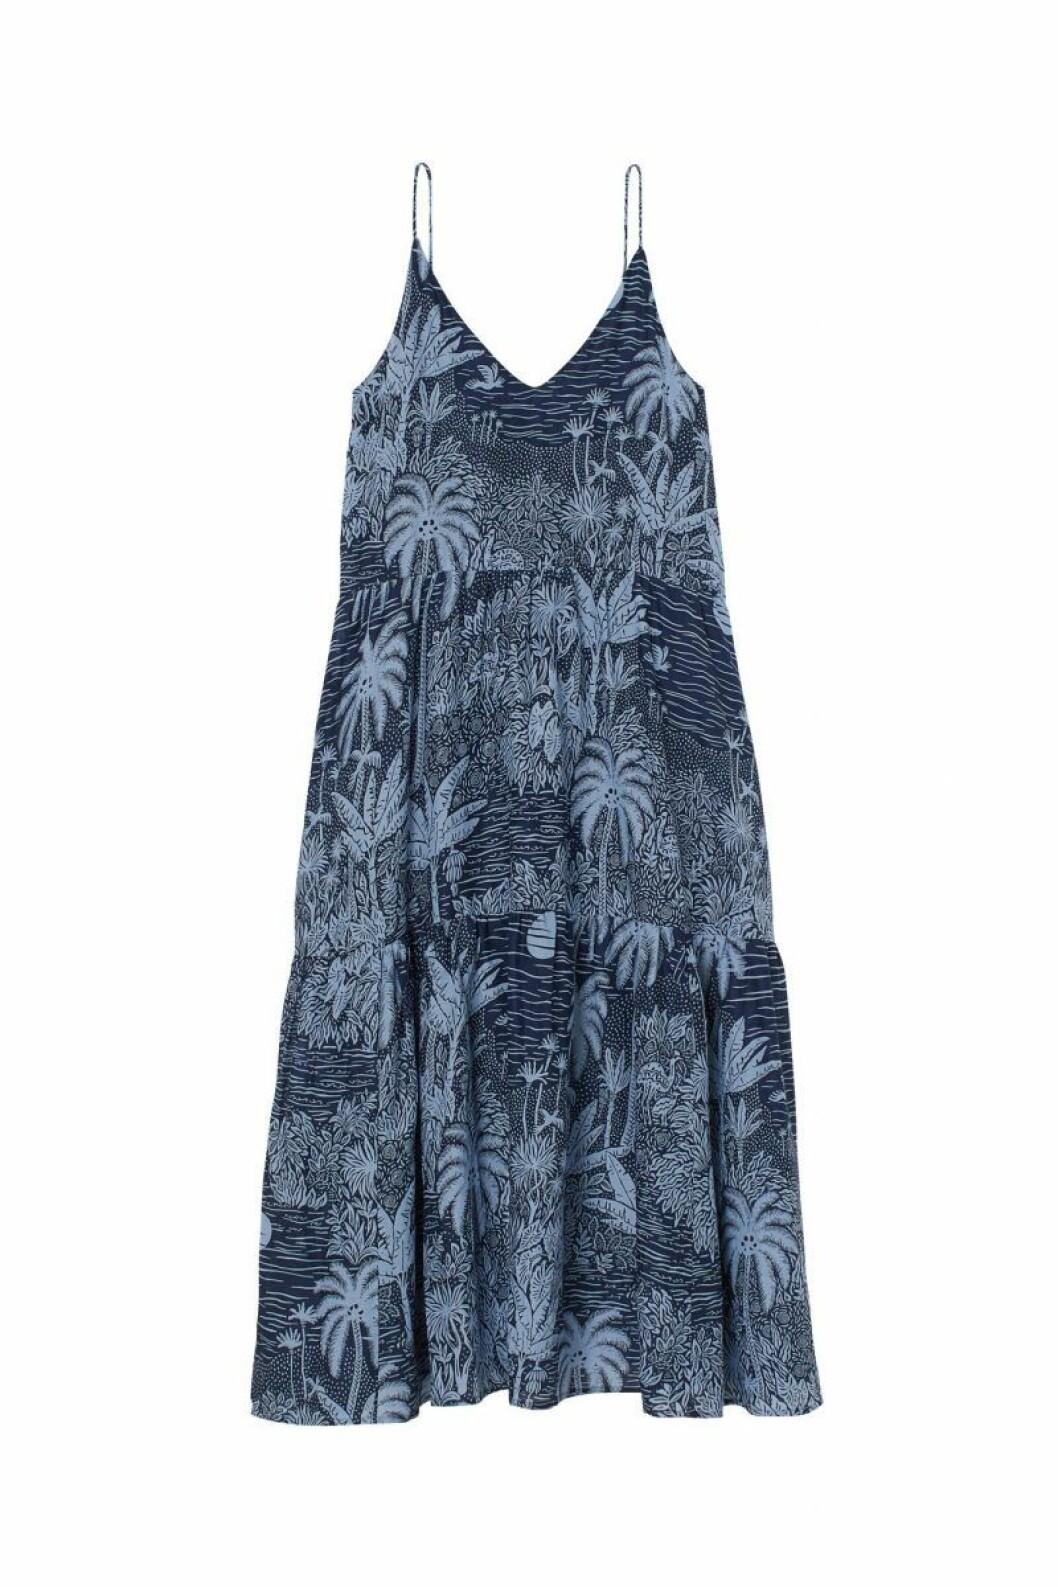 H&M x Desmond & Dempsey sommarkollektion 2020: bla klänning